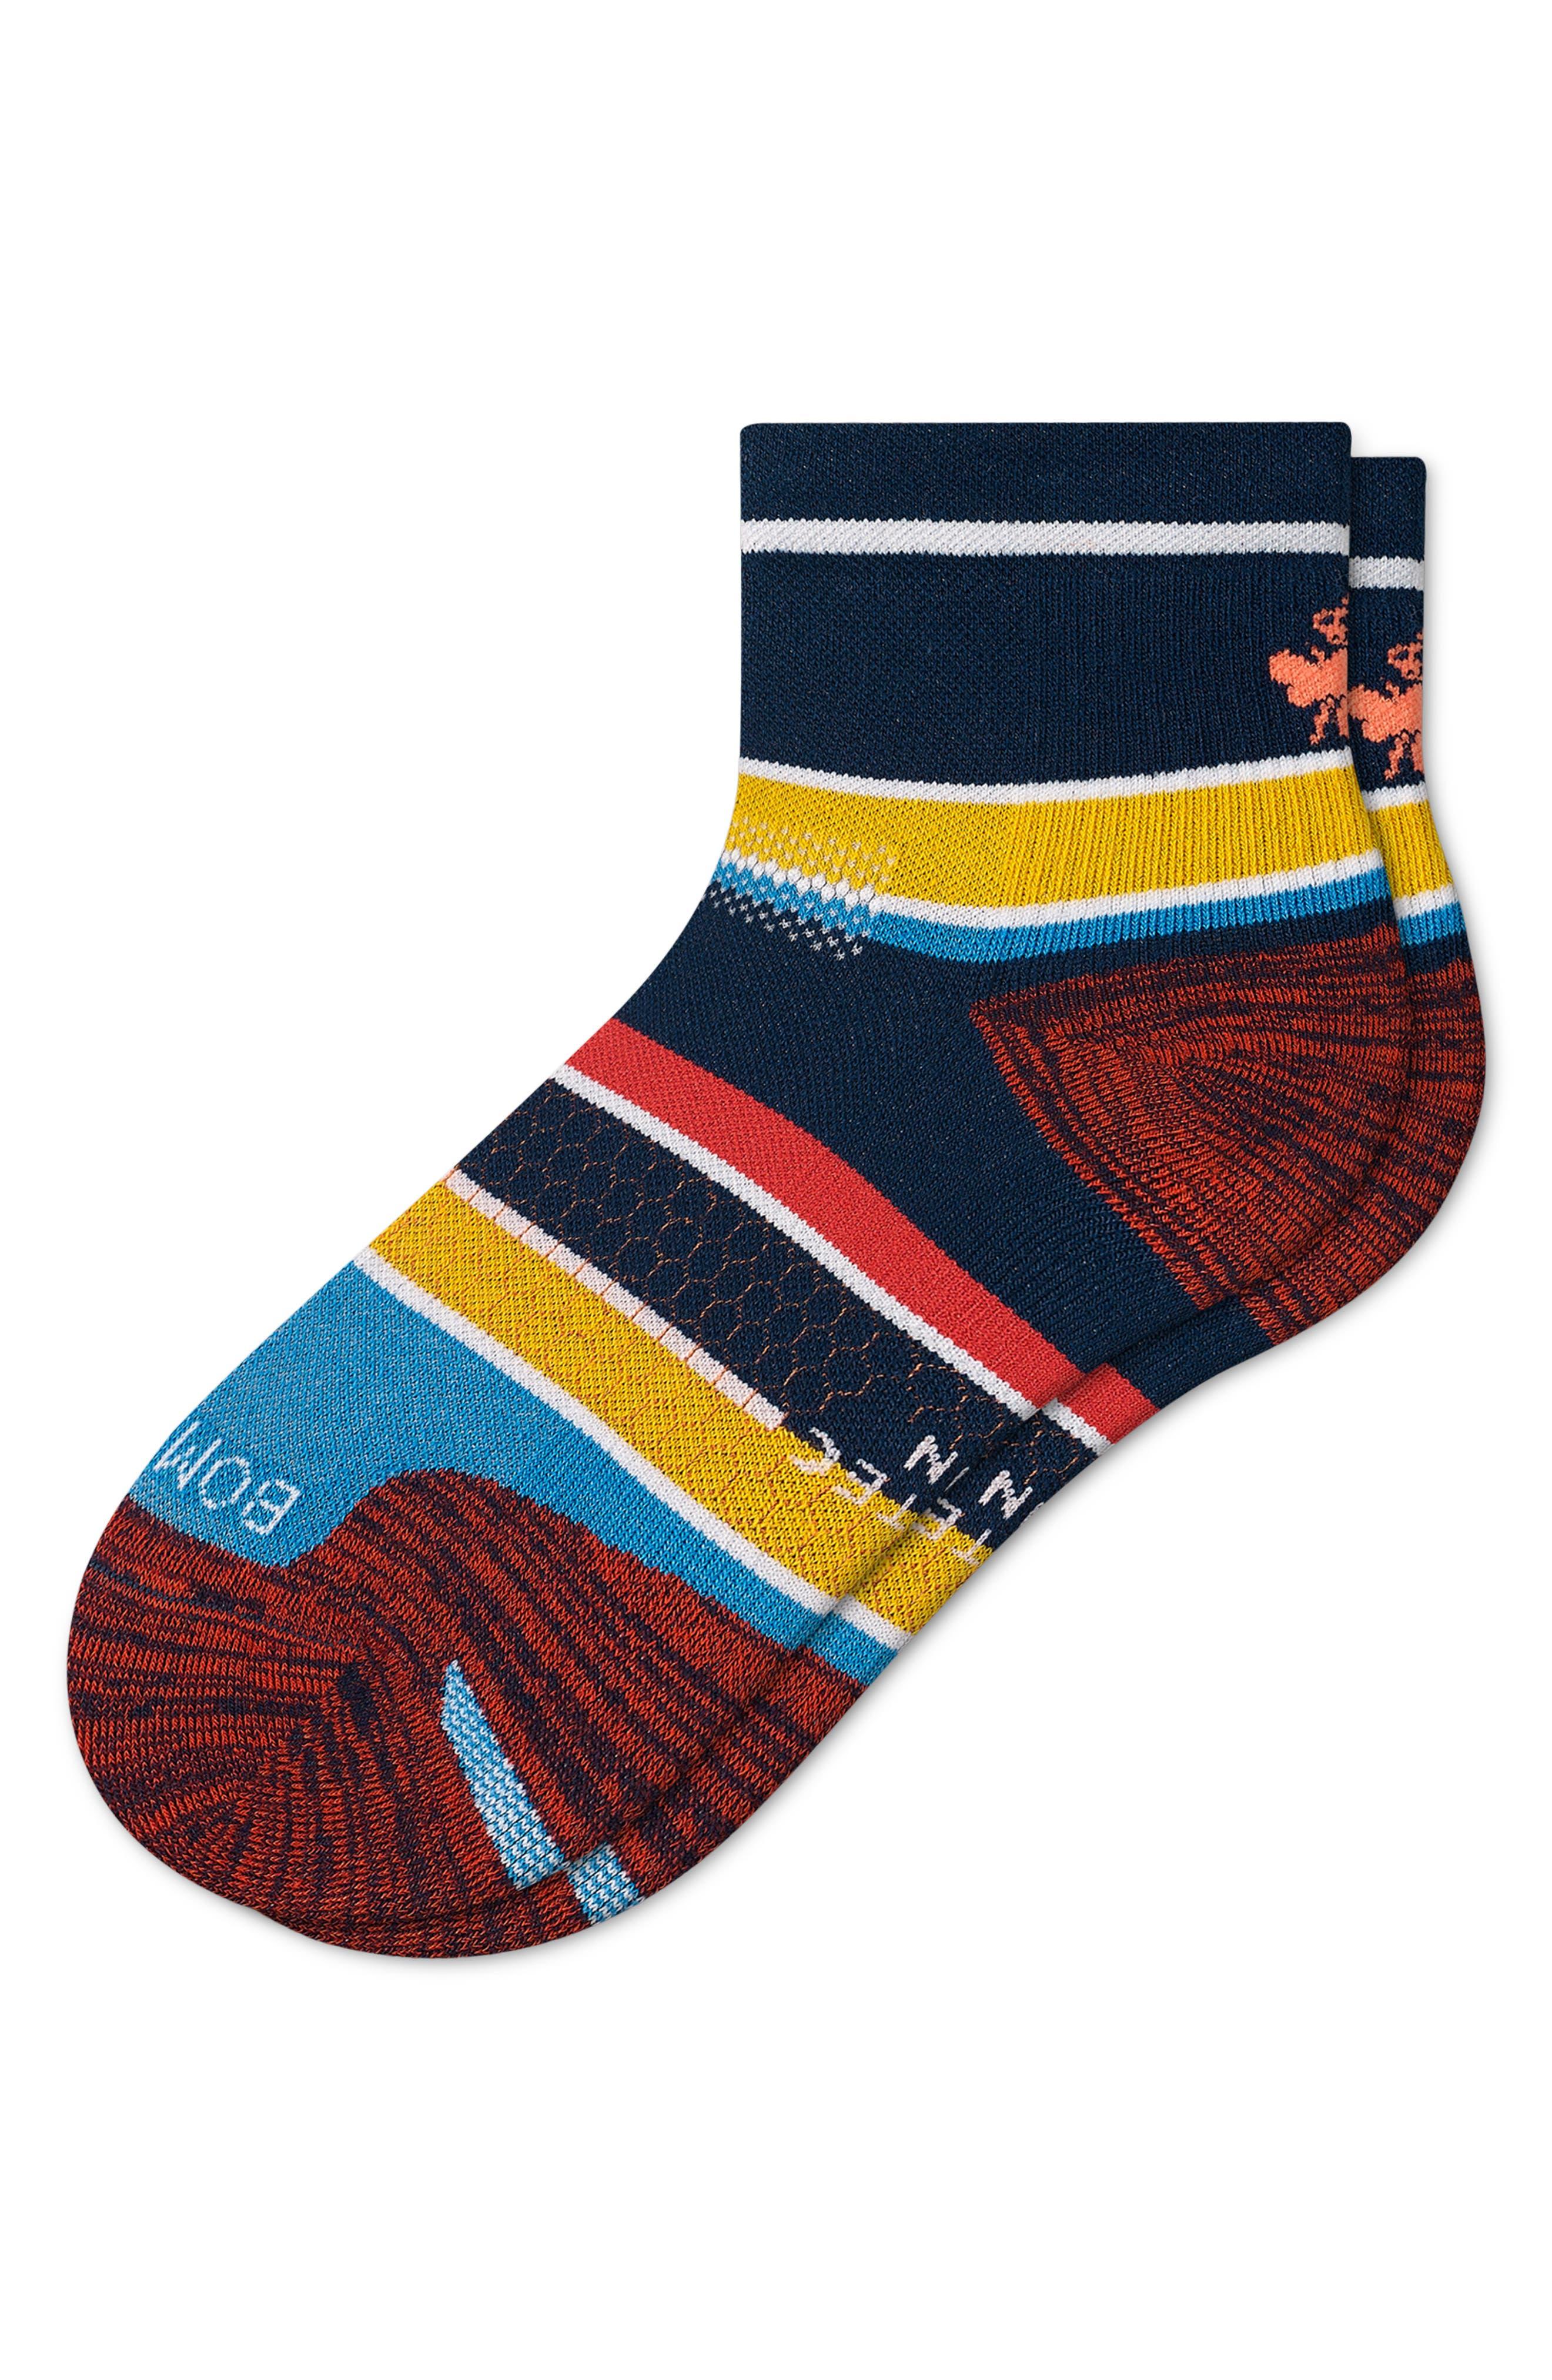 Multistripe Quarter Running Socks